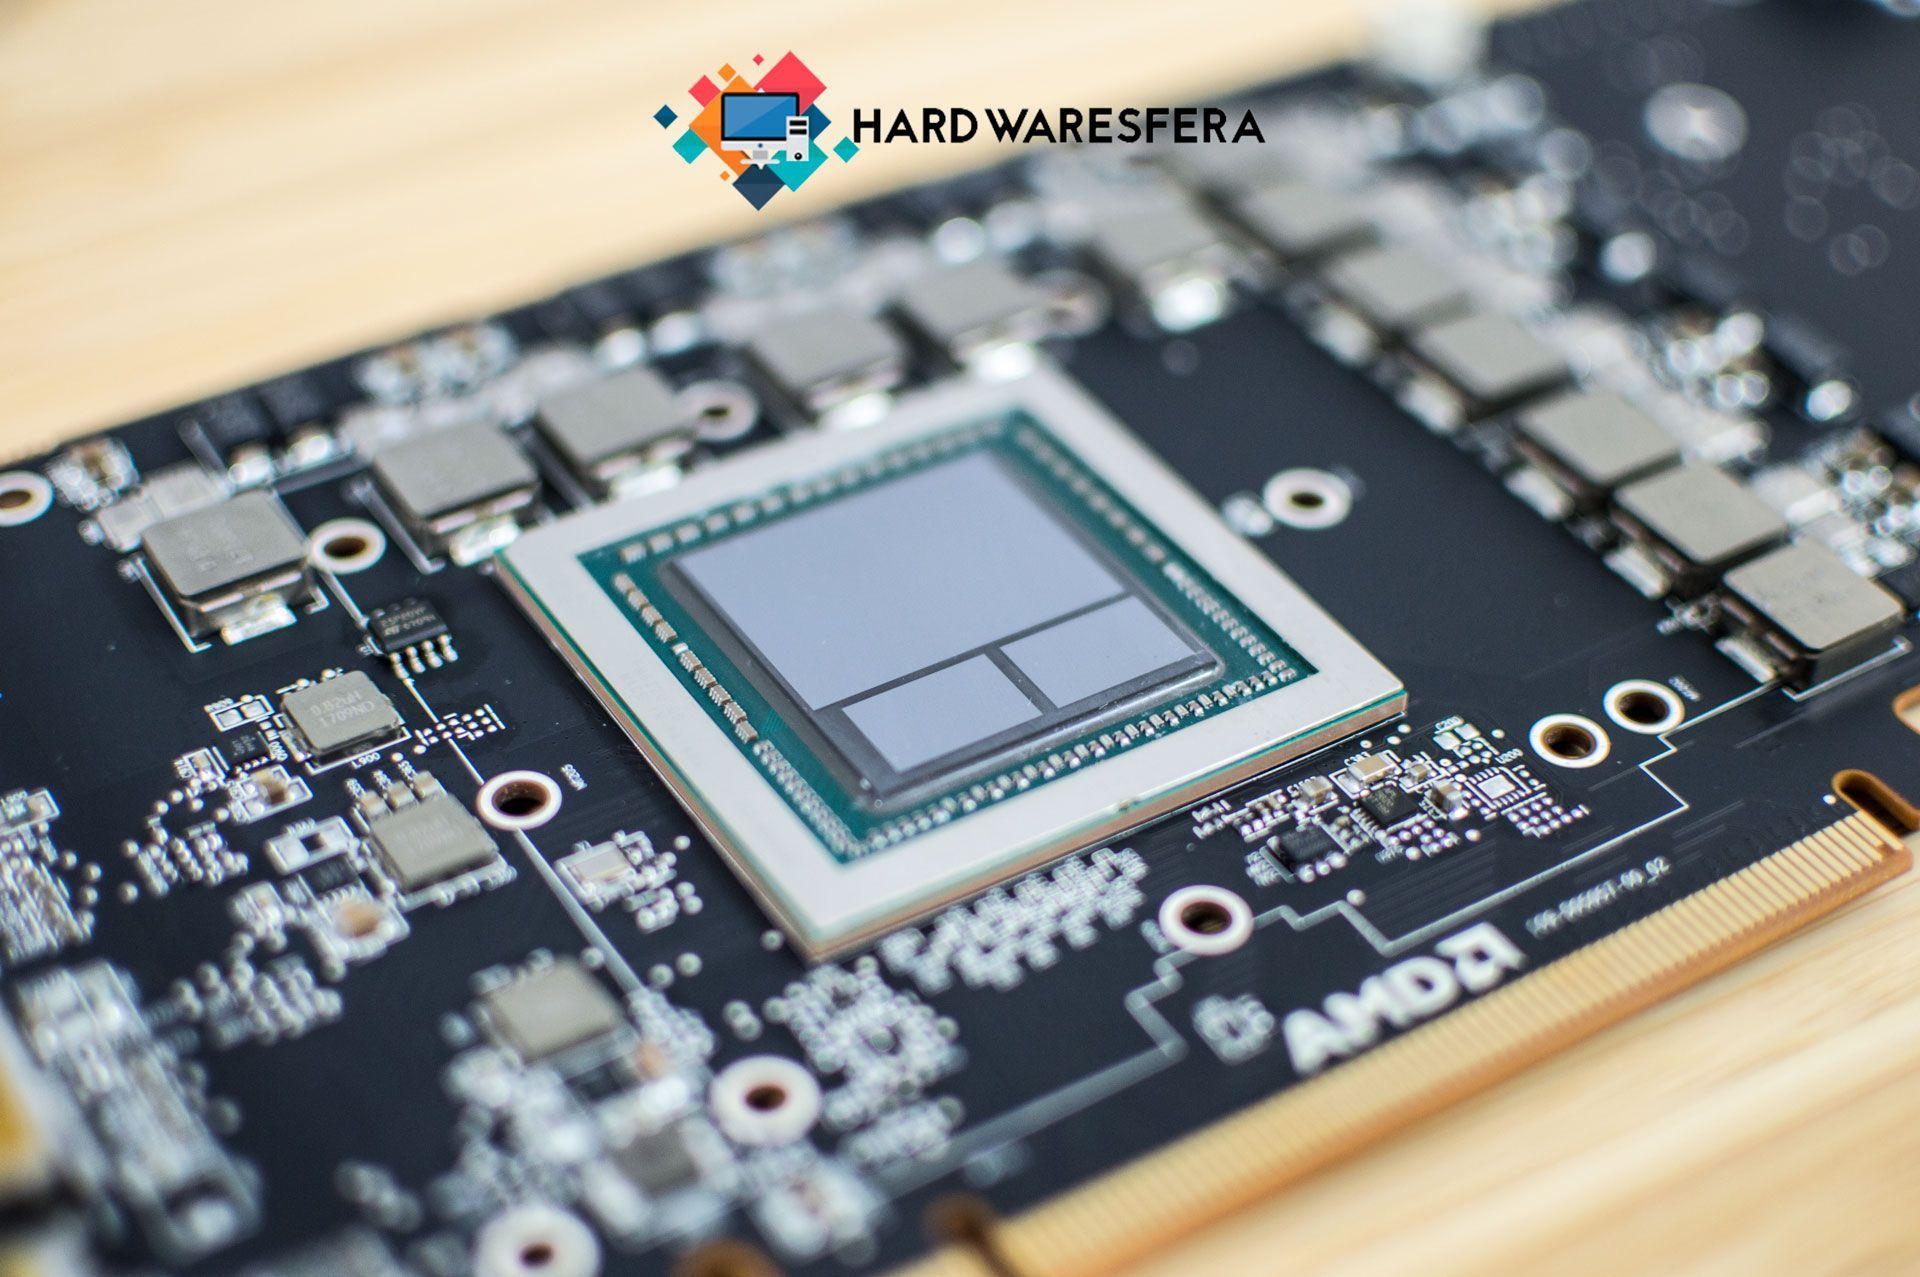 HWiNFO se actualiza y añade soporte para procesadores AMD